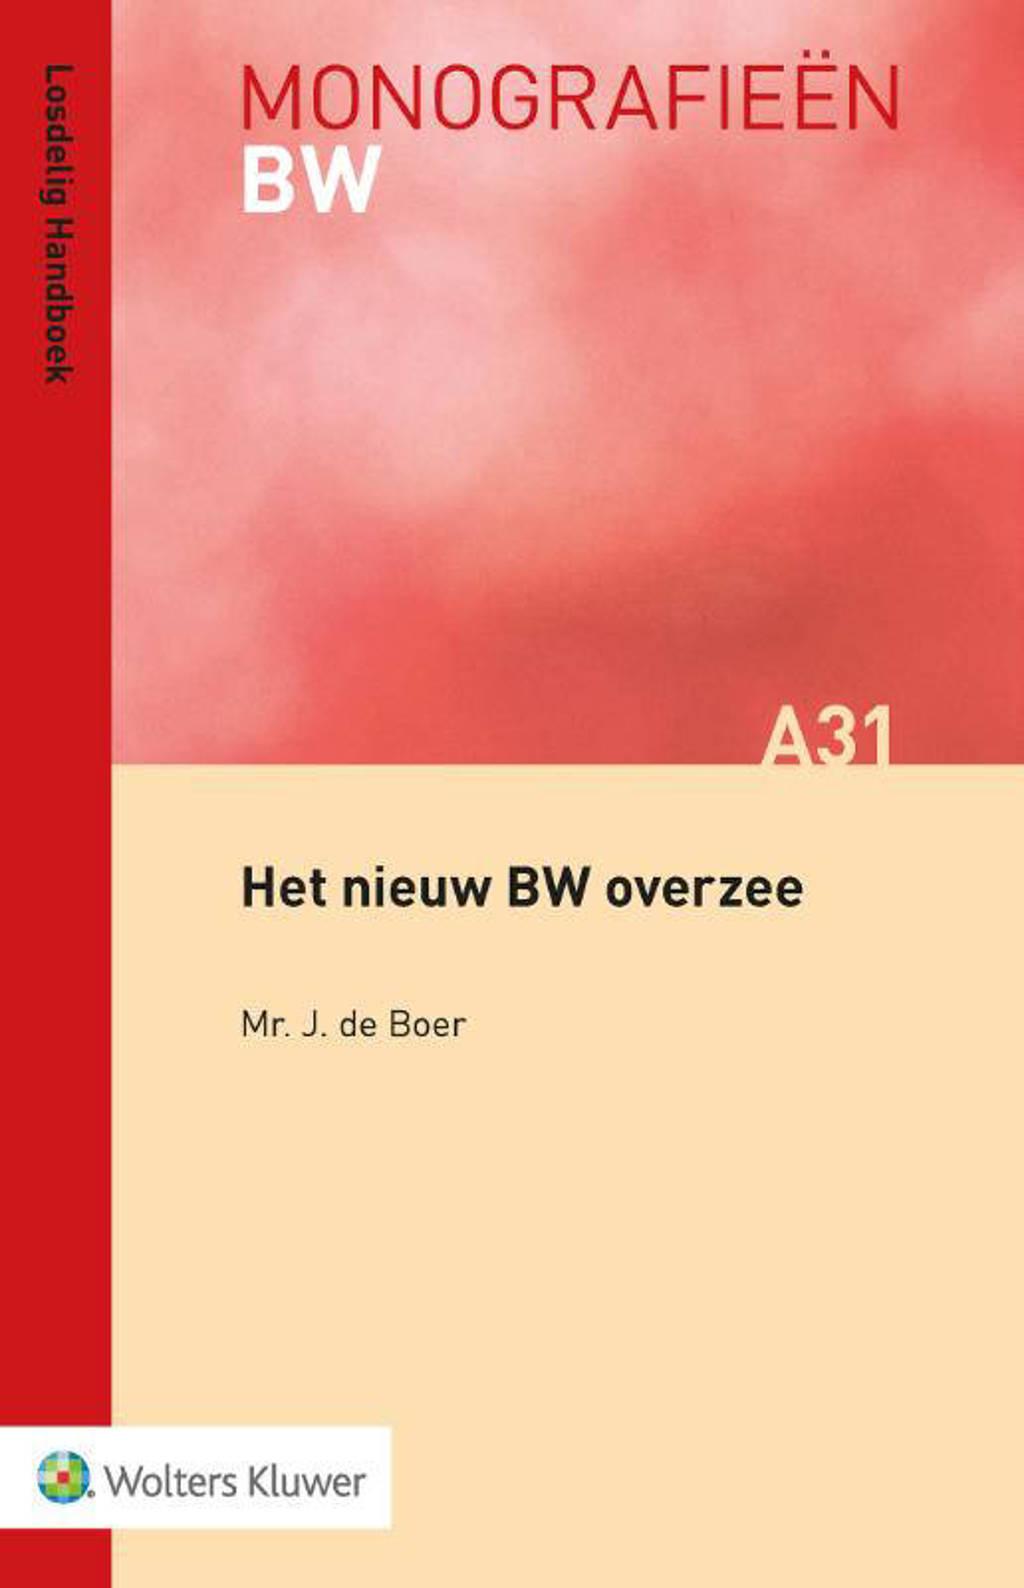 Monografieen BW: Het nieuw BW overzee - J. de Boer